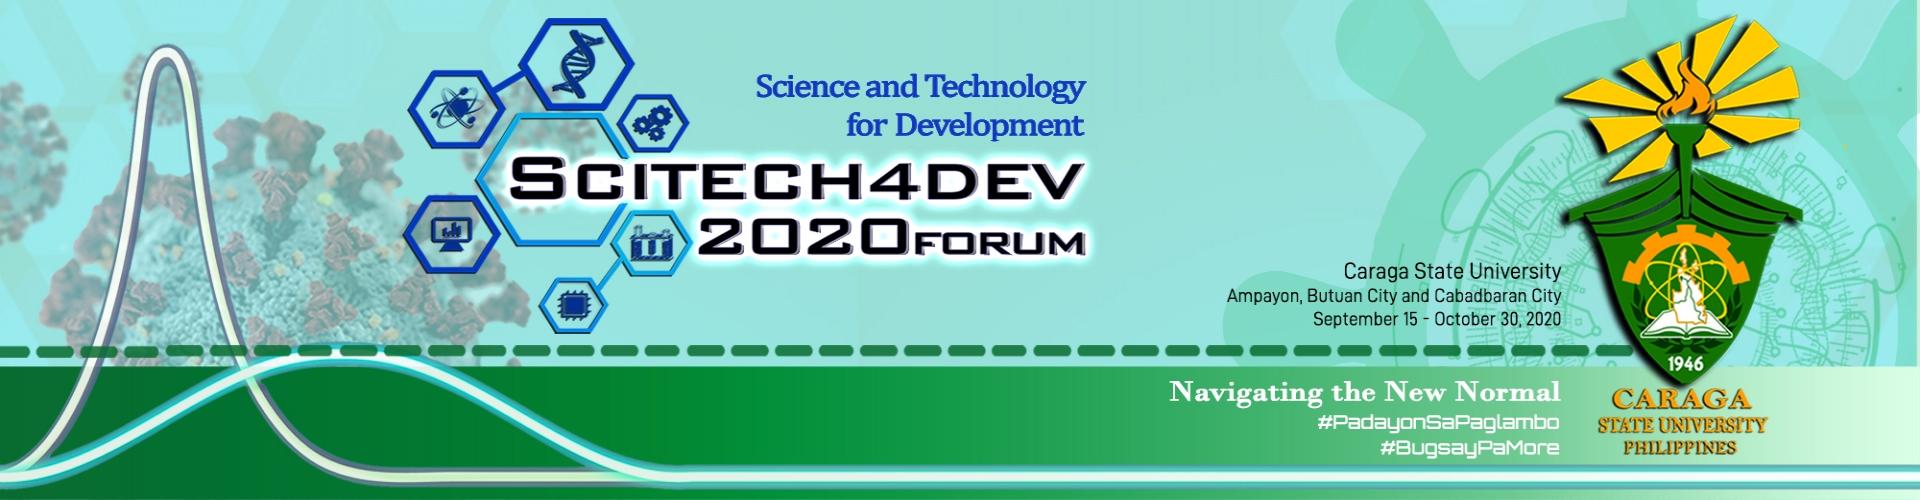 SciTech4Dev2020